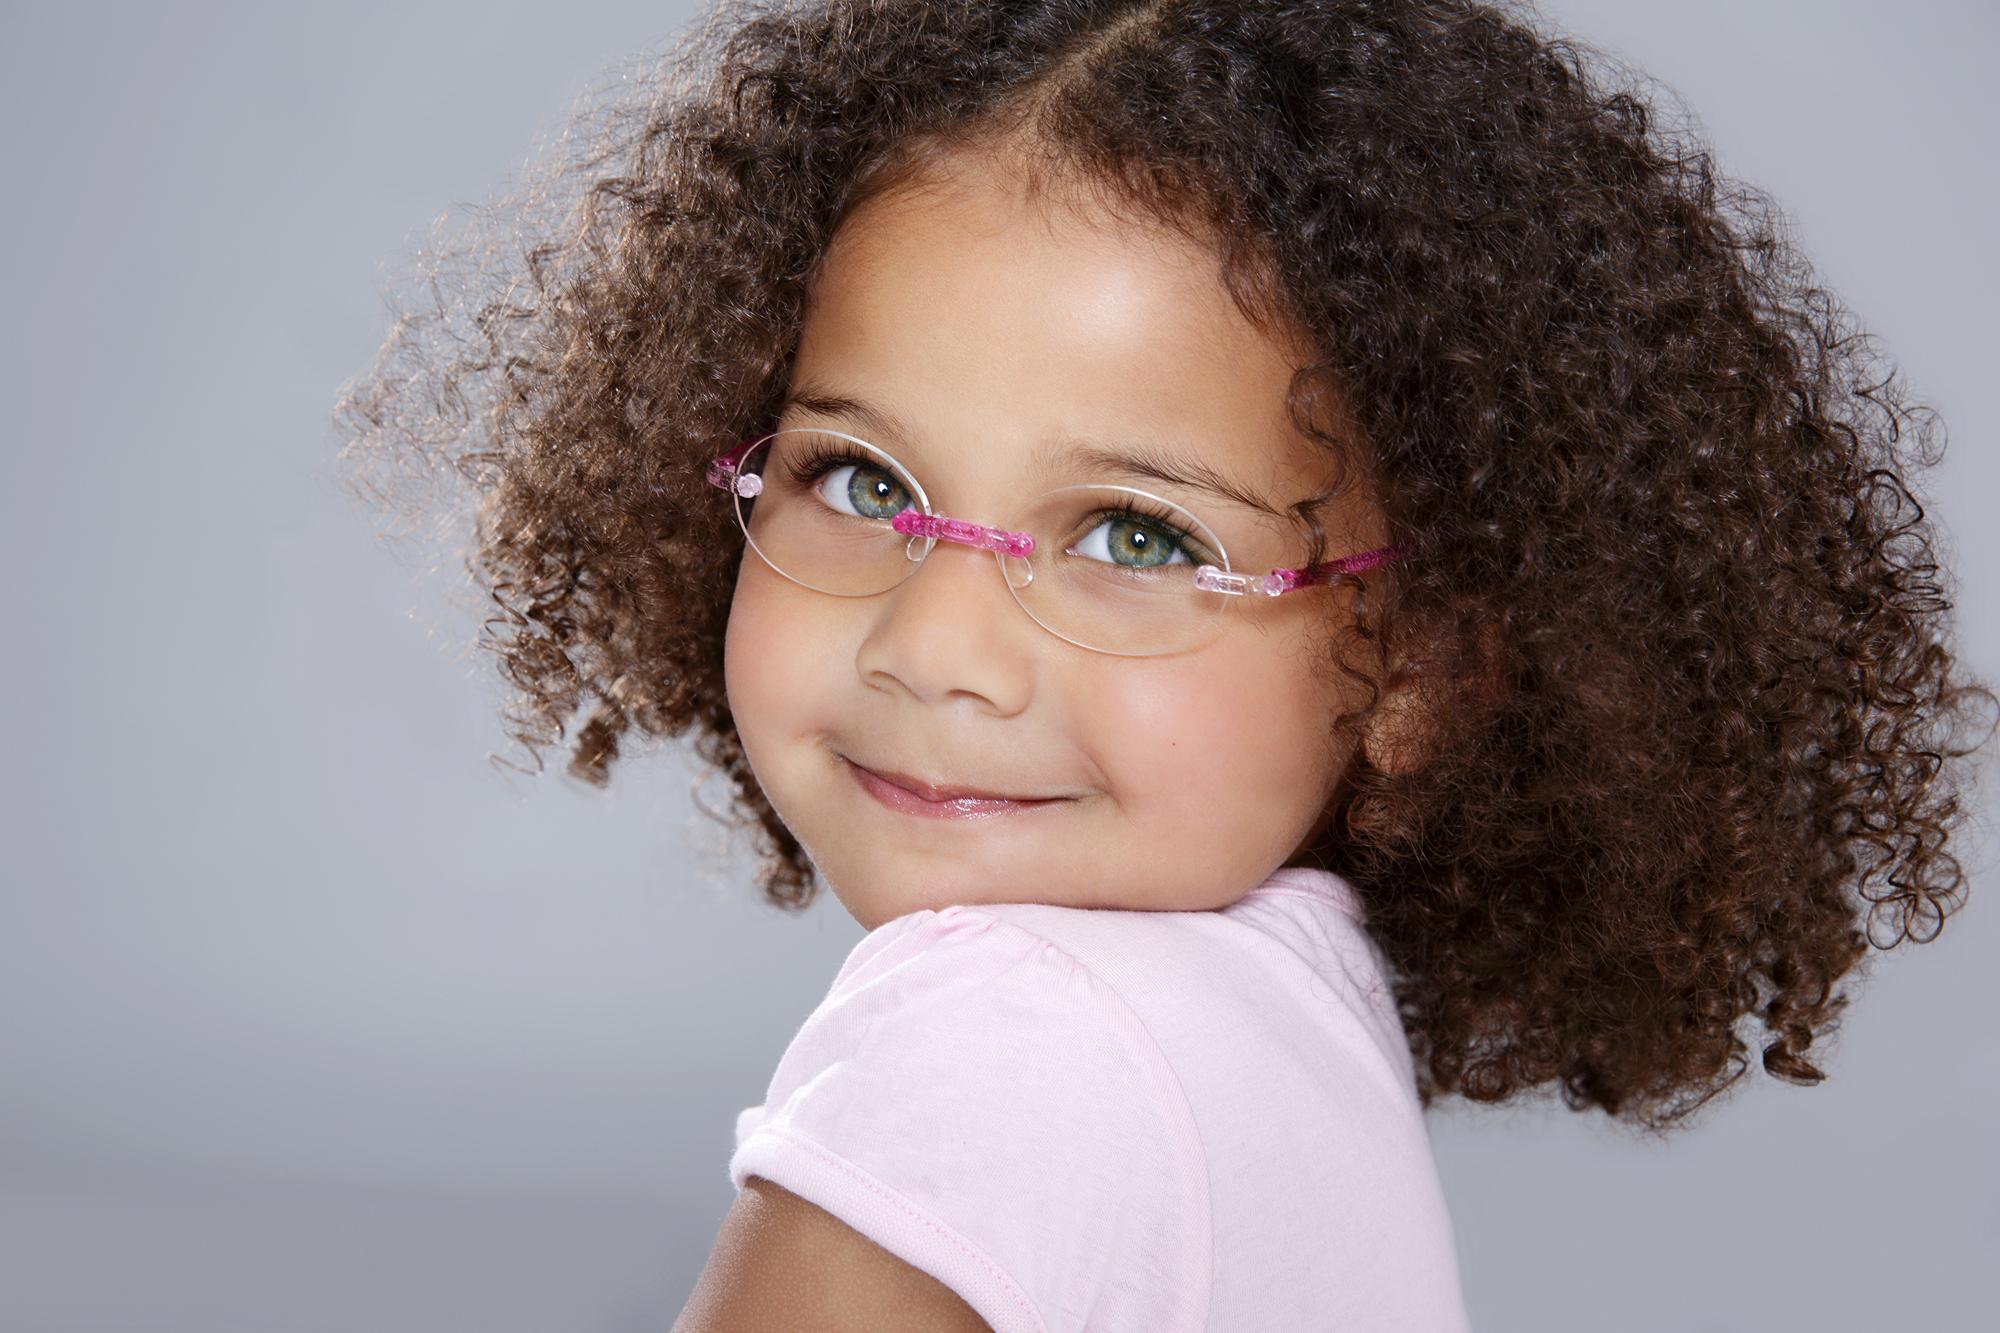 Kinderbrillen | Ihr kompetenter Partner für gutes Sehen